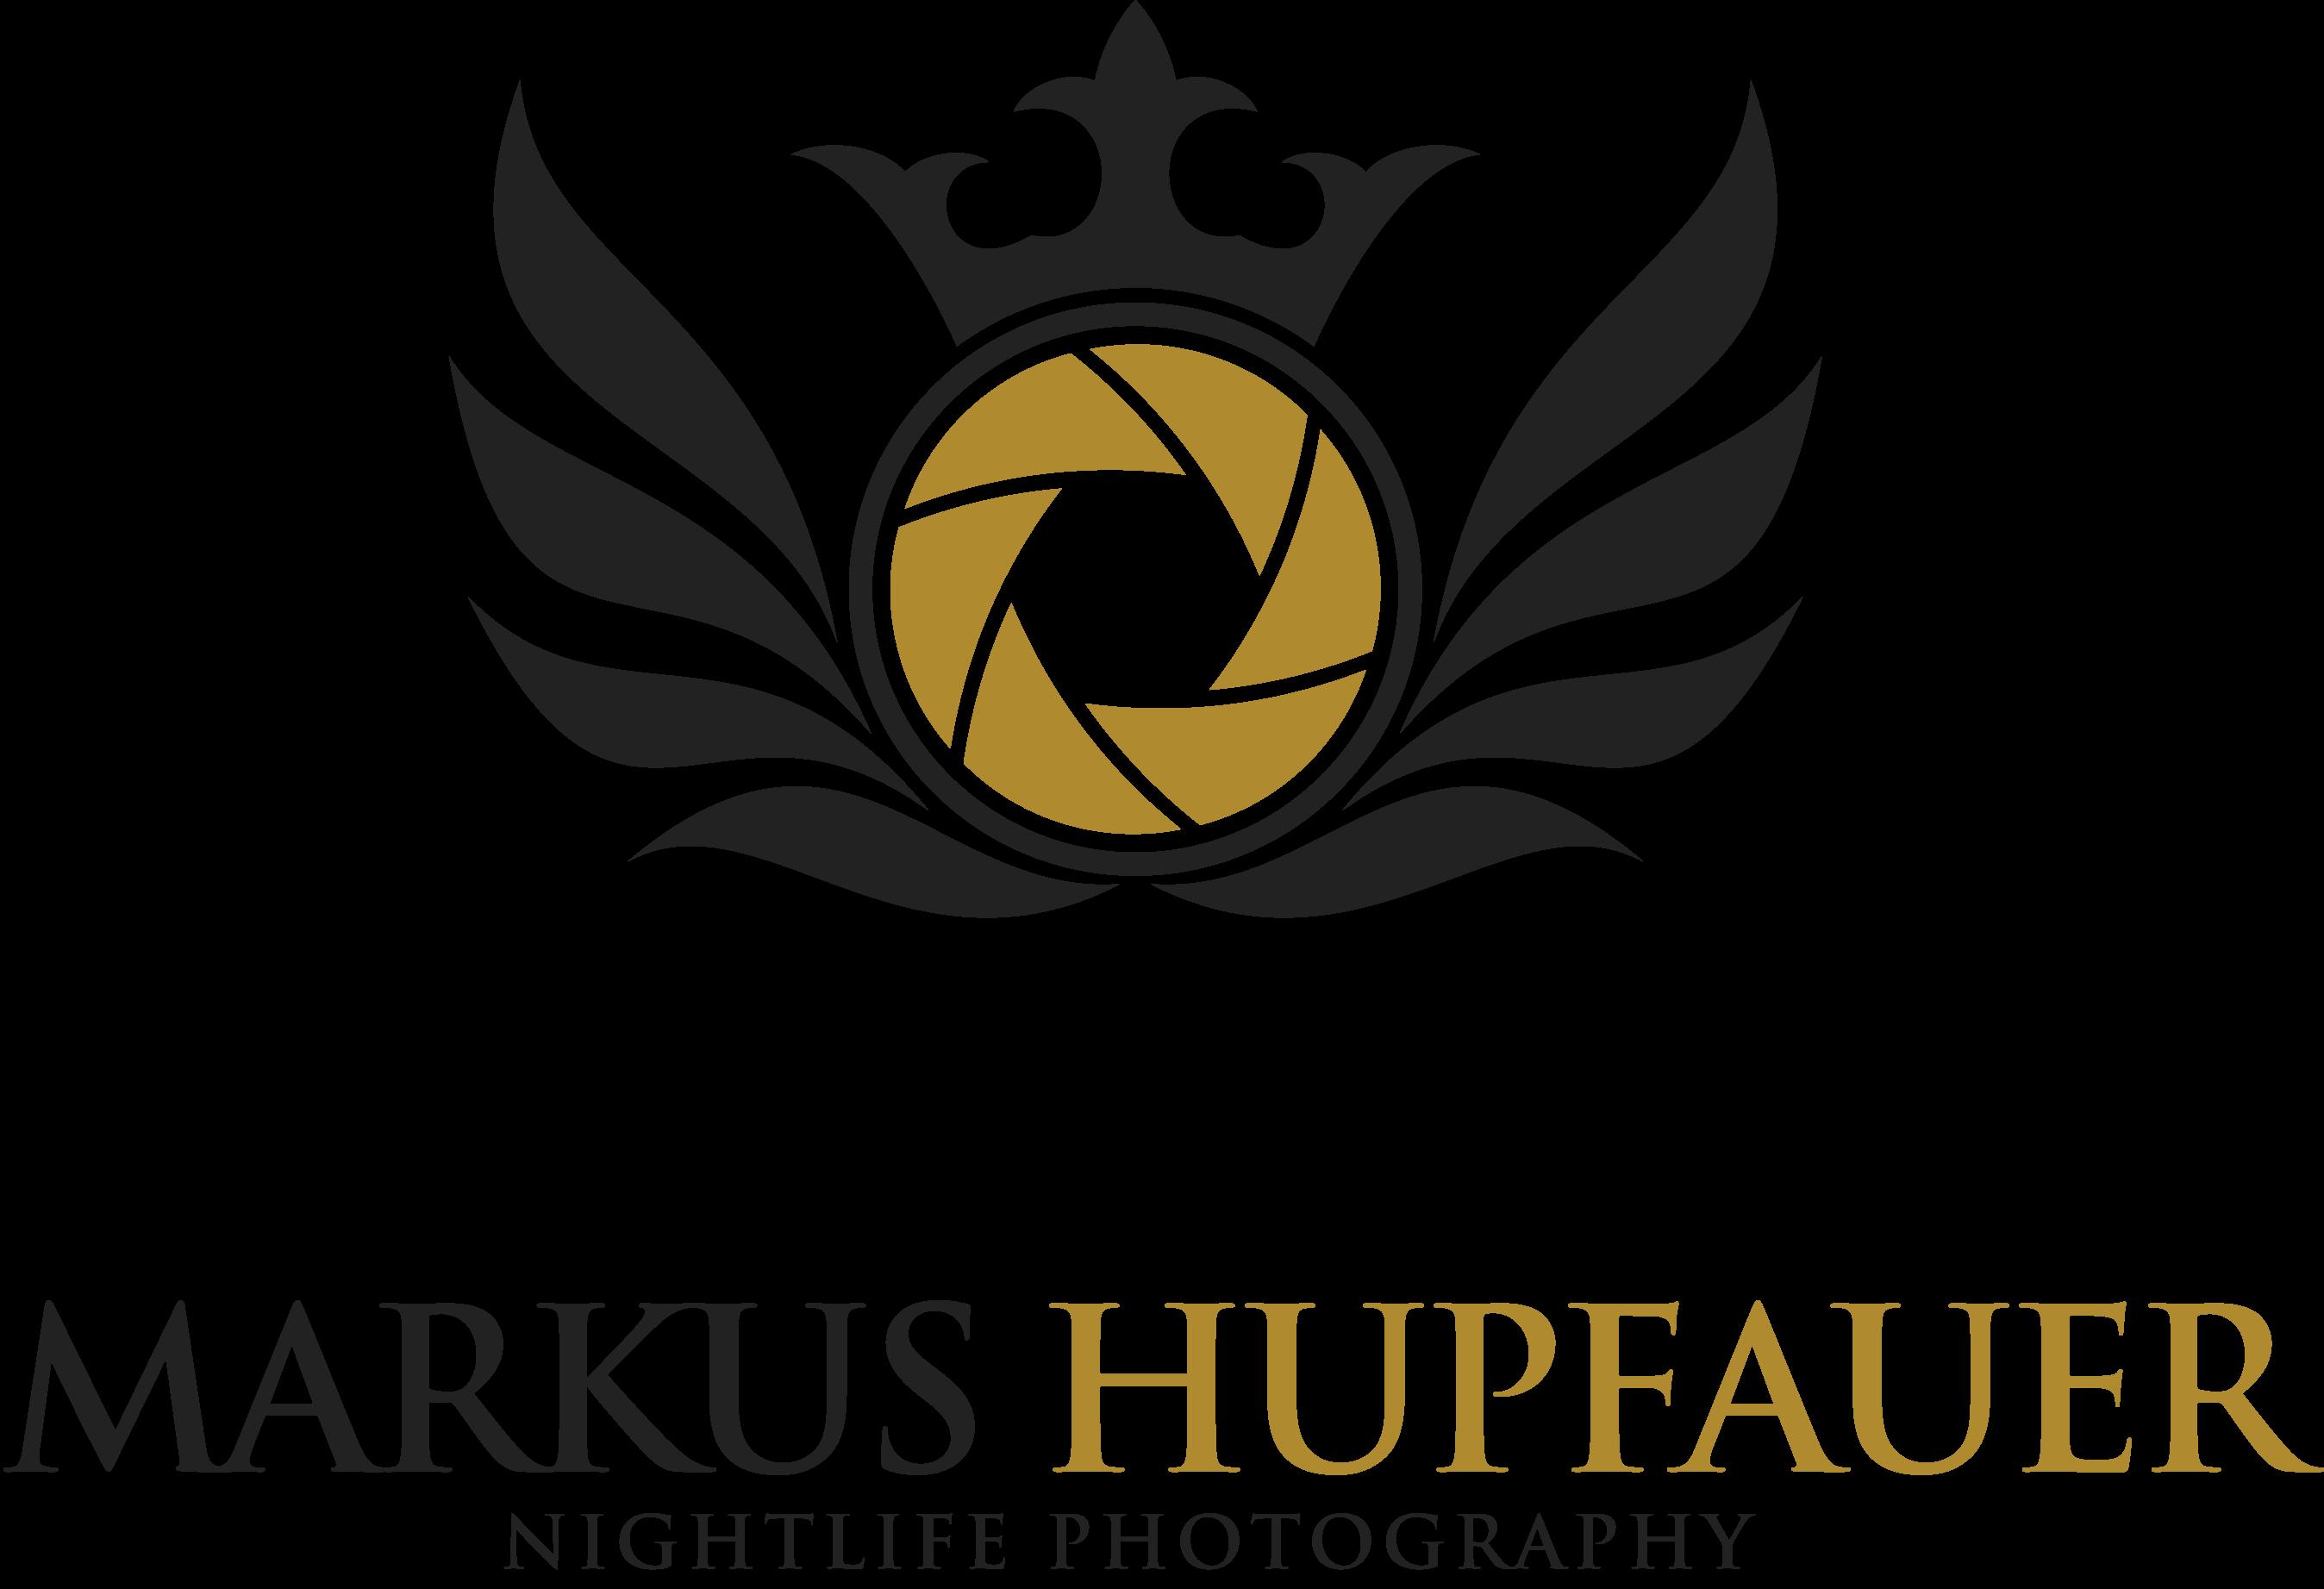 Markus Hupfauer